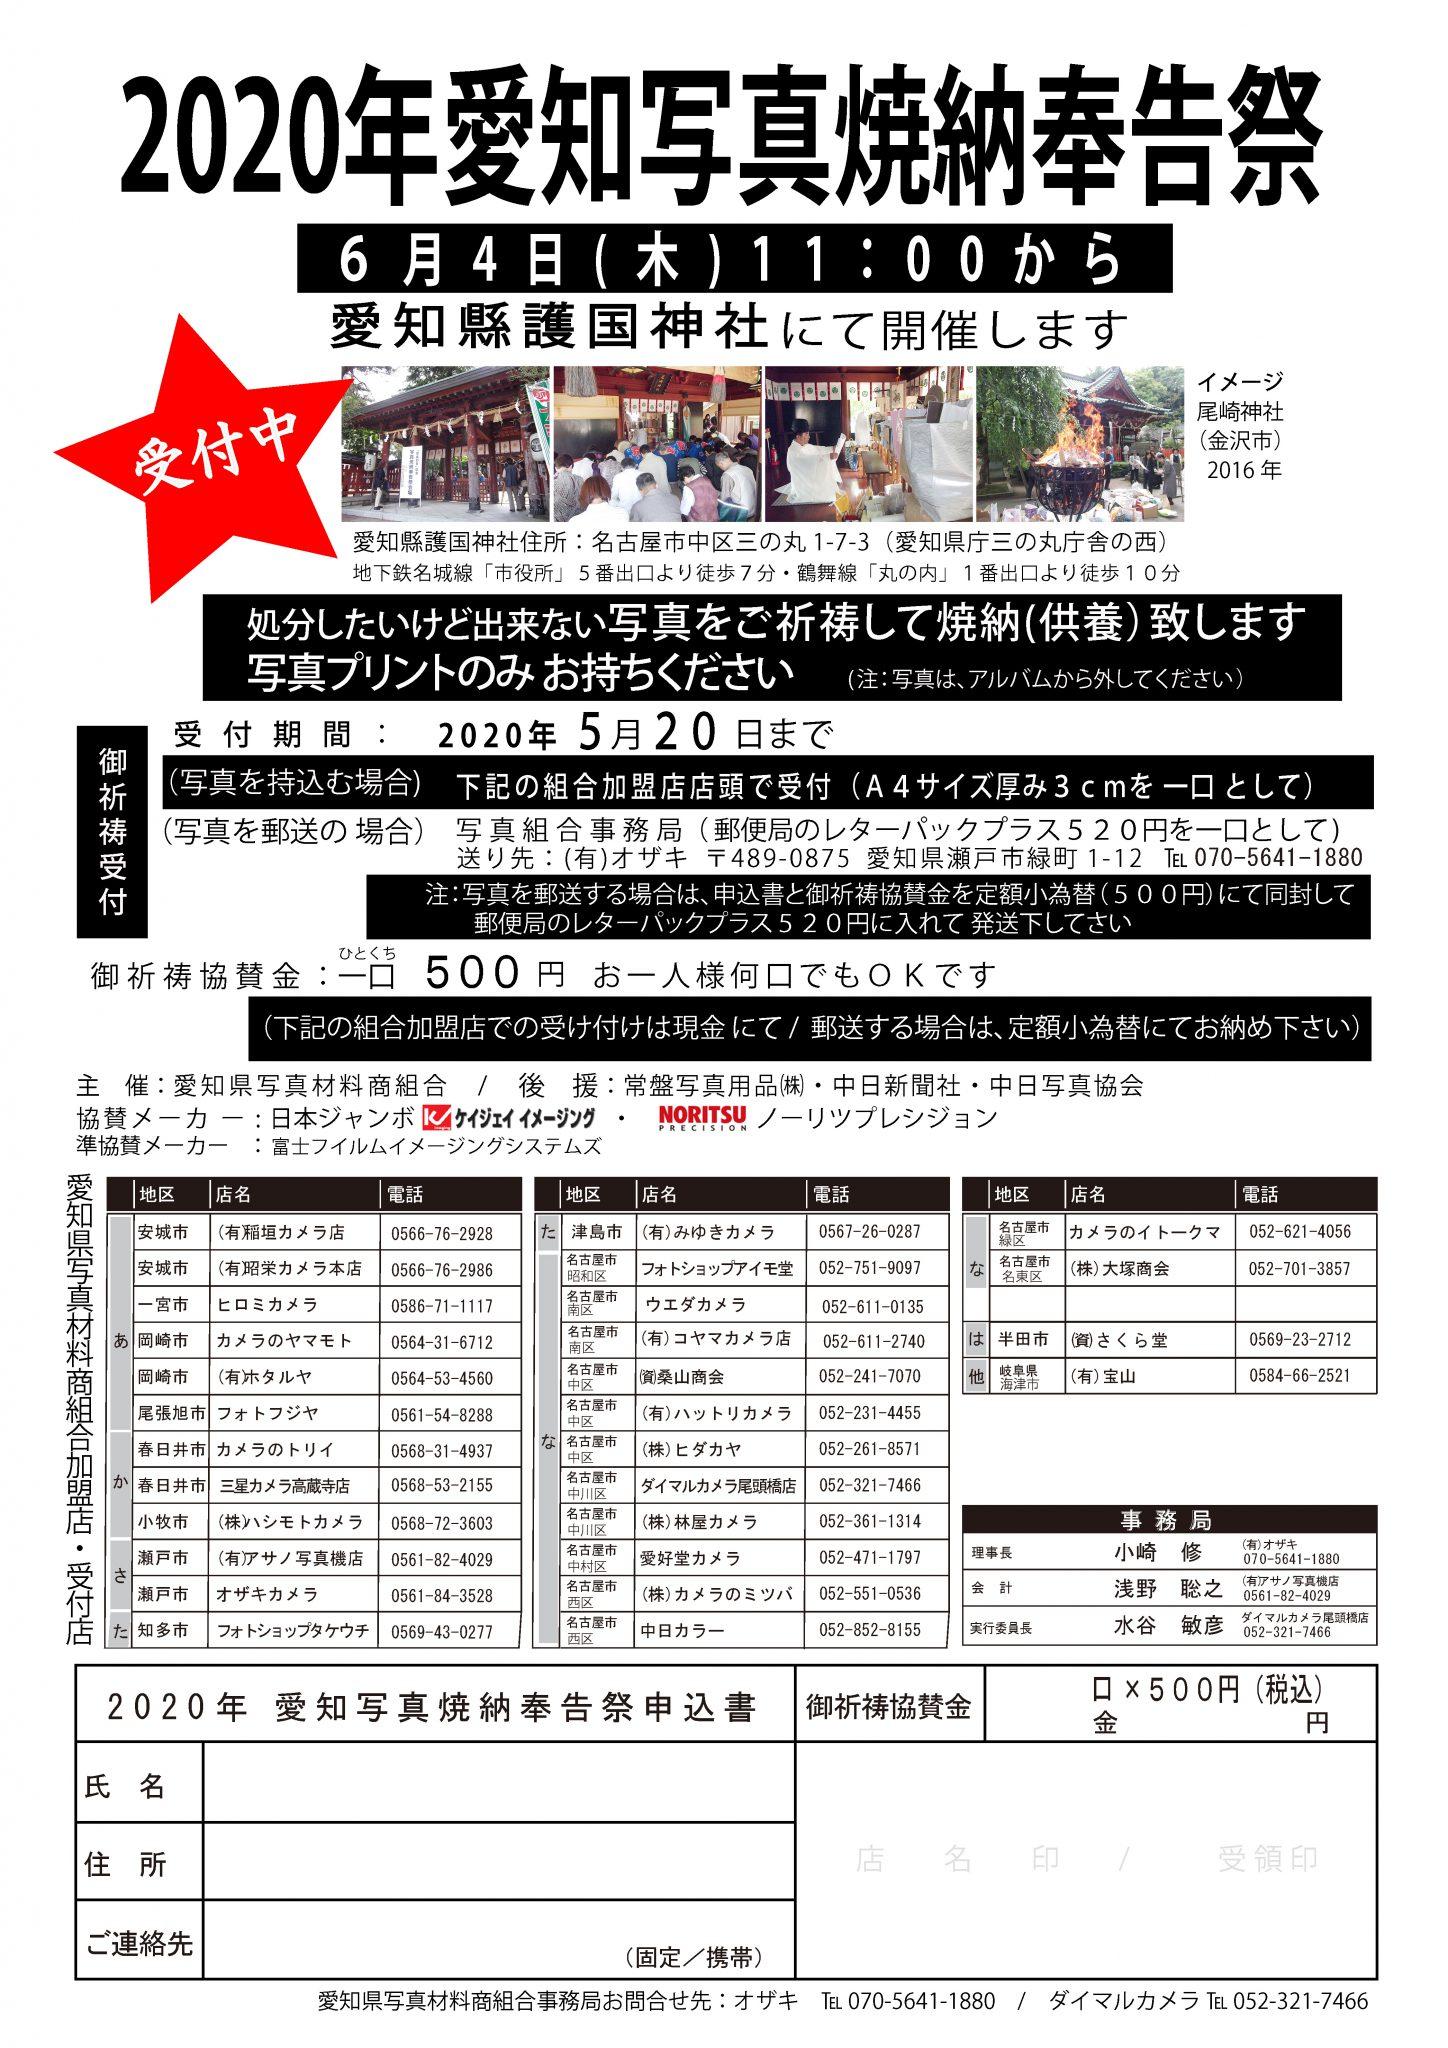 2020年 愛知写真焼納奉告祭の案内